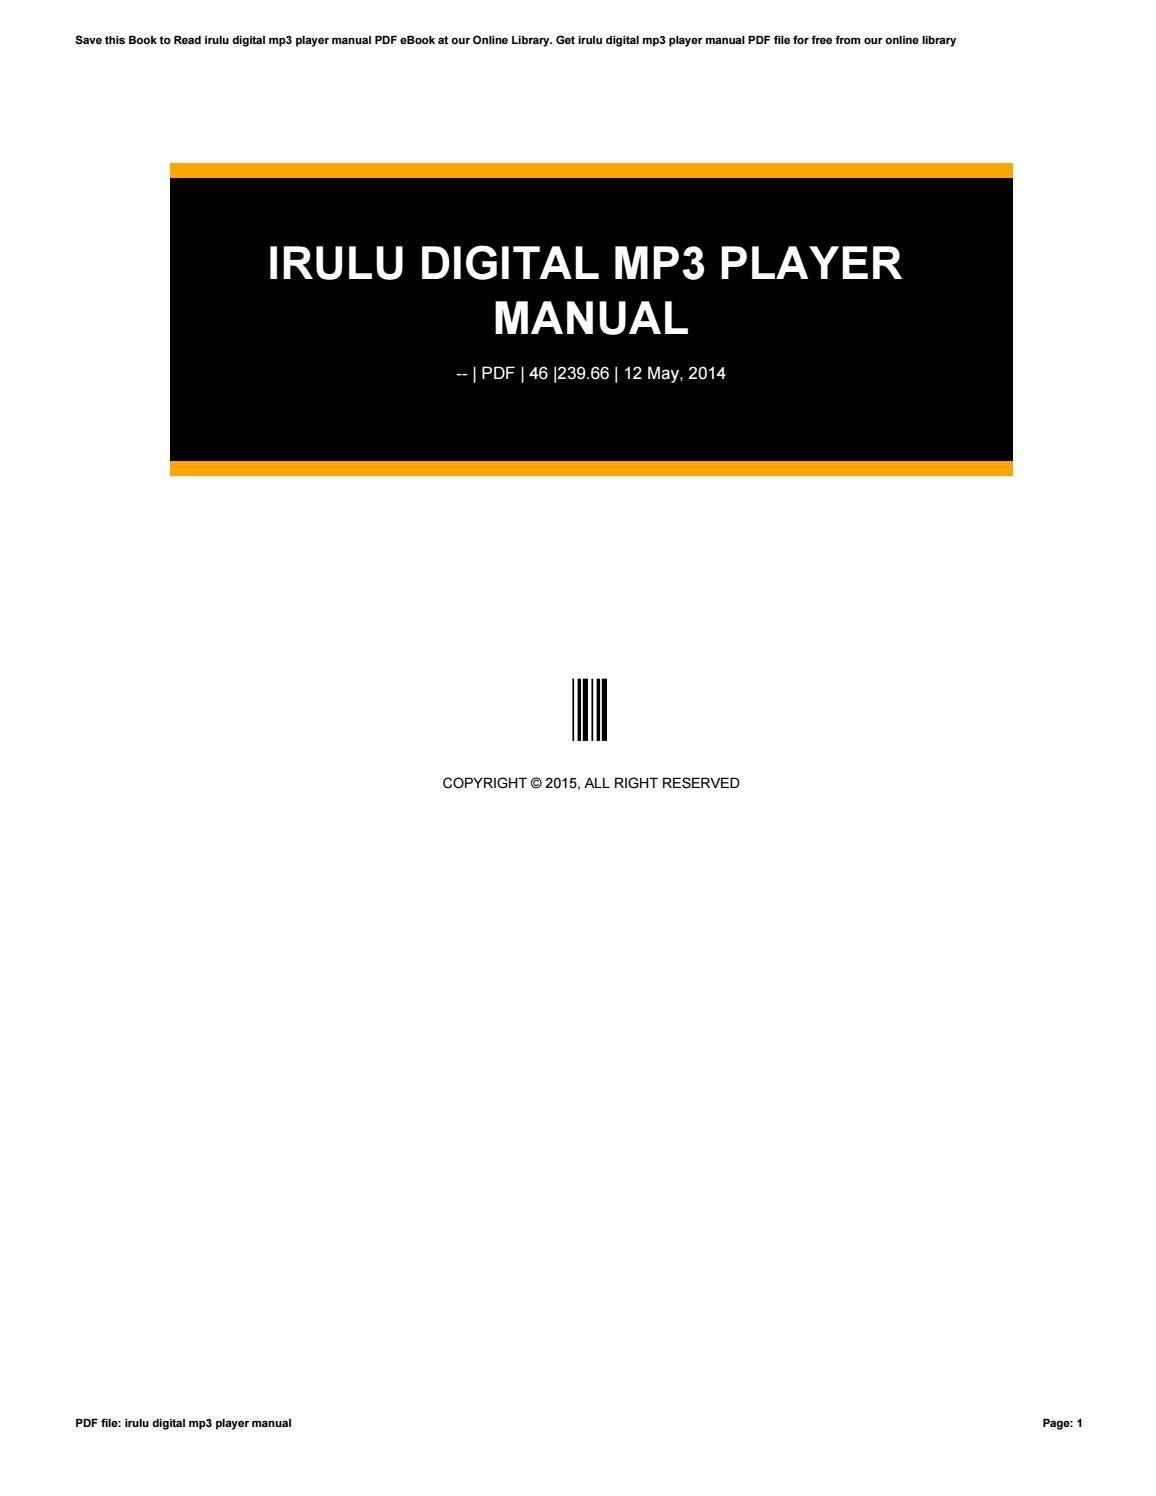 digital multimedia player mp3 manual